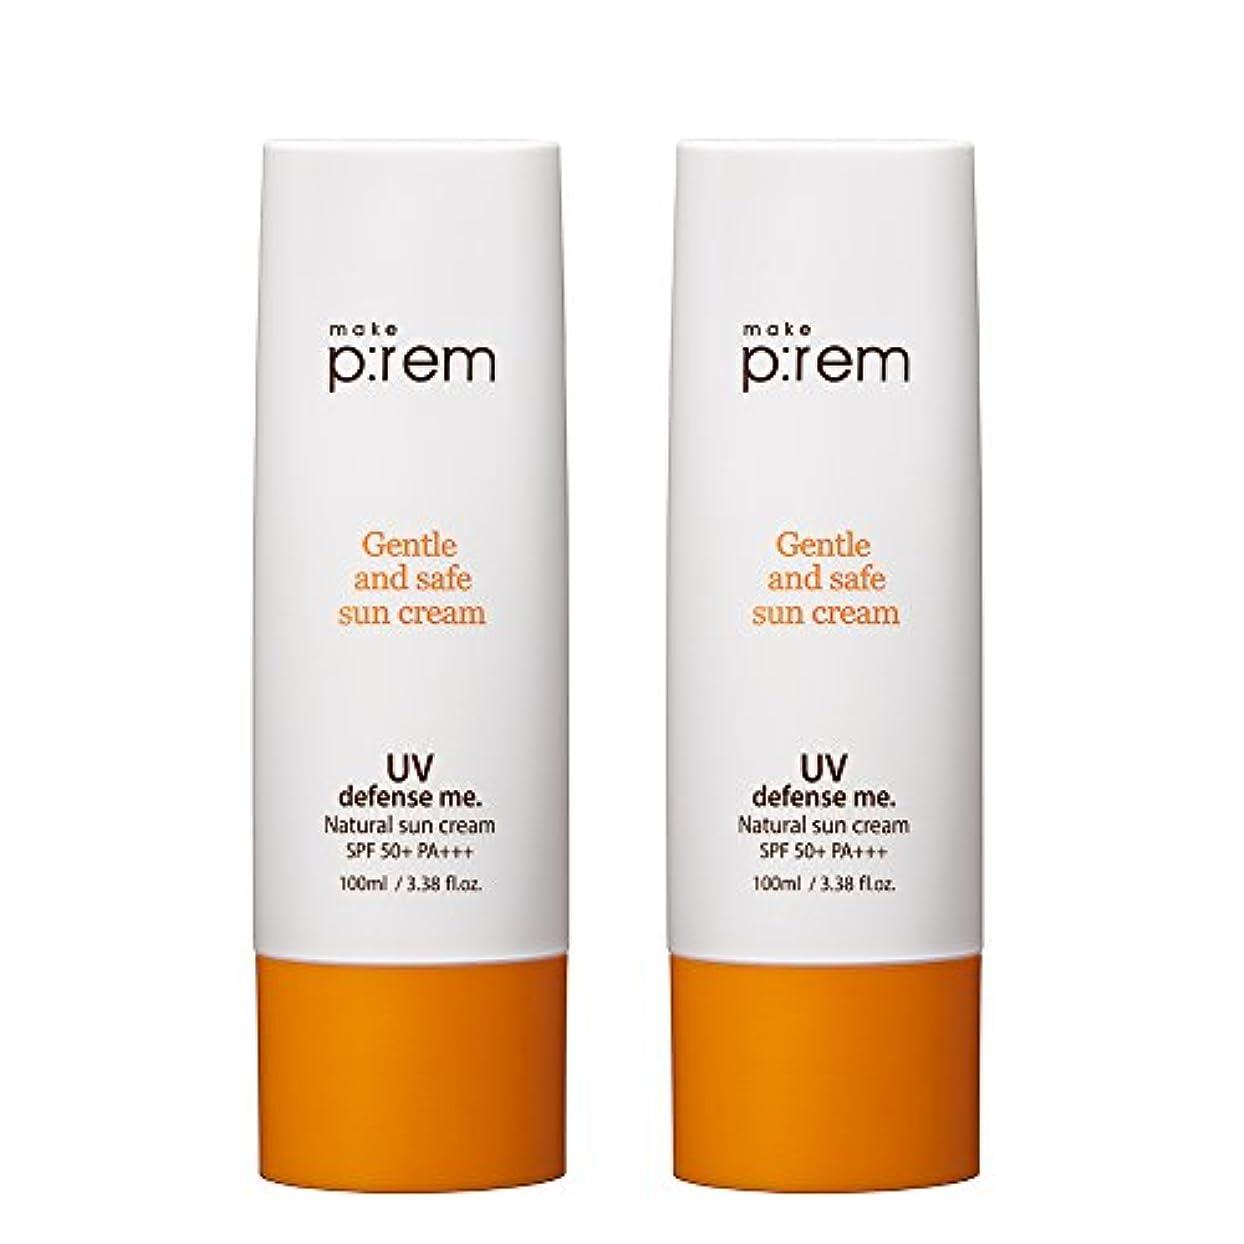 (2個セット) x [MAKE P:REM] UV defense me. Natural sun cream ナチュラル サン クリーム 100ml SPF 50+ PA+++ / 韓国製 . 海外直送品